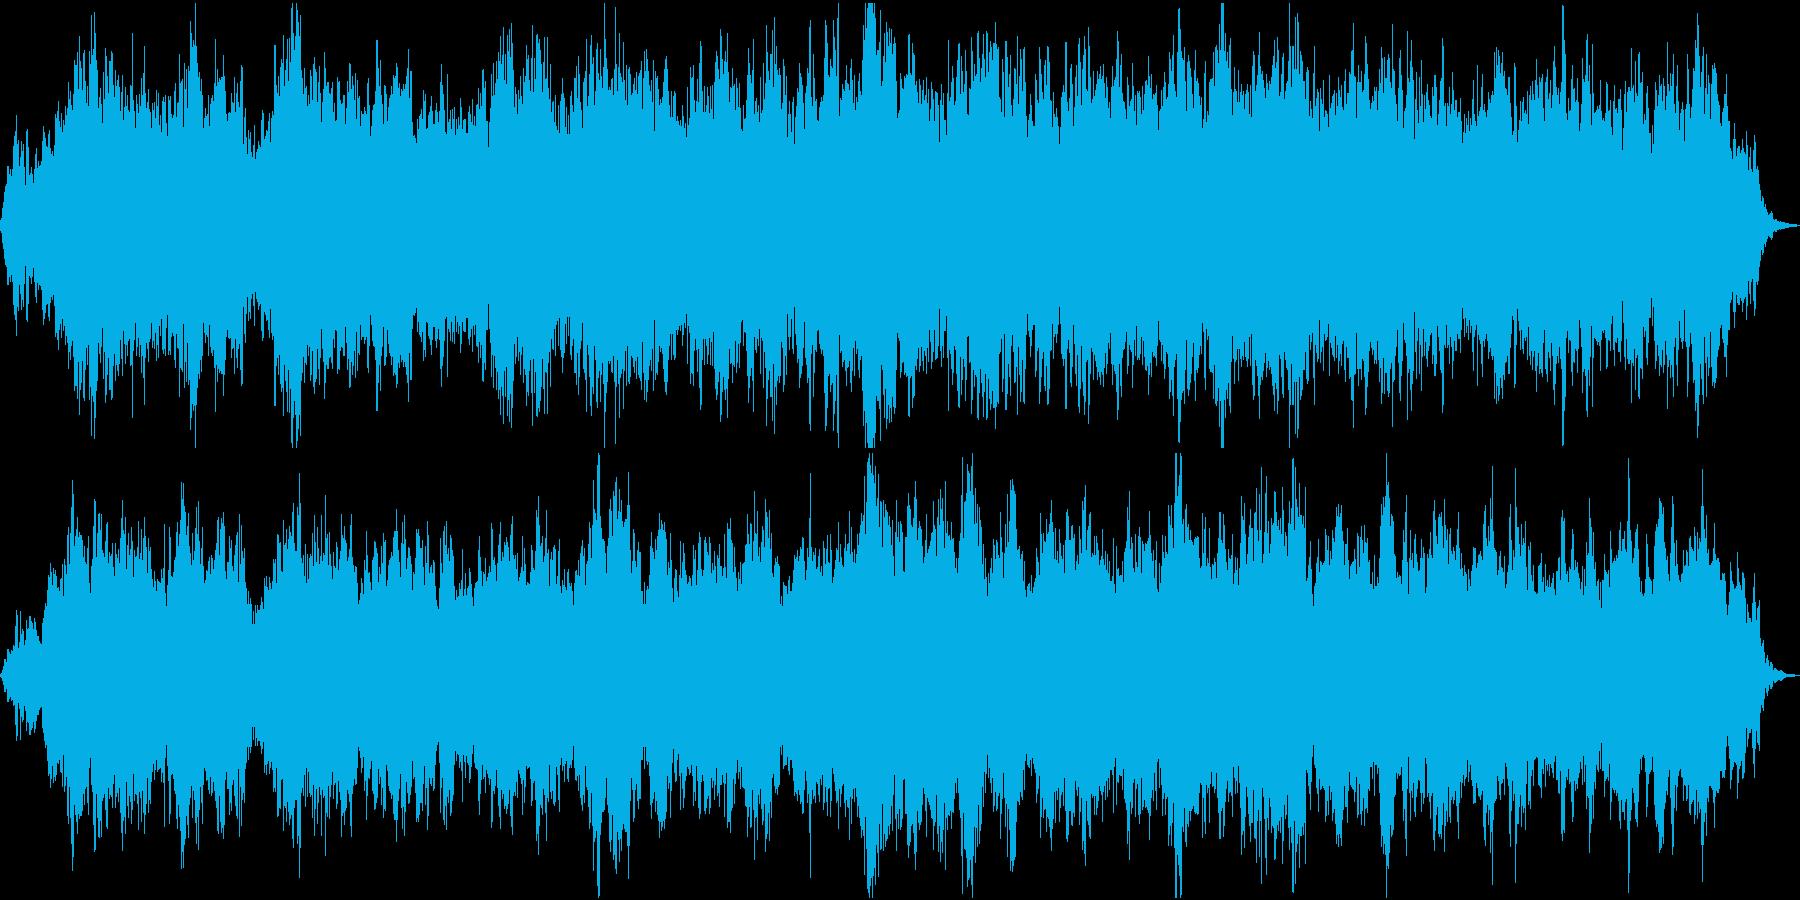 優しく穏やかな「ダニー・ボーイ」弦楽編曲の再生済みの波形